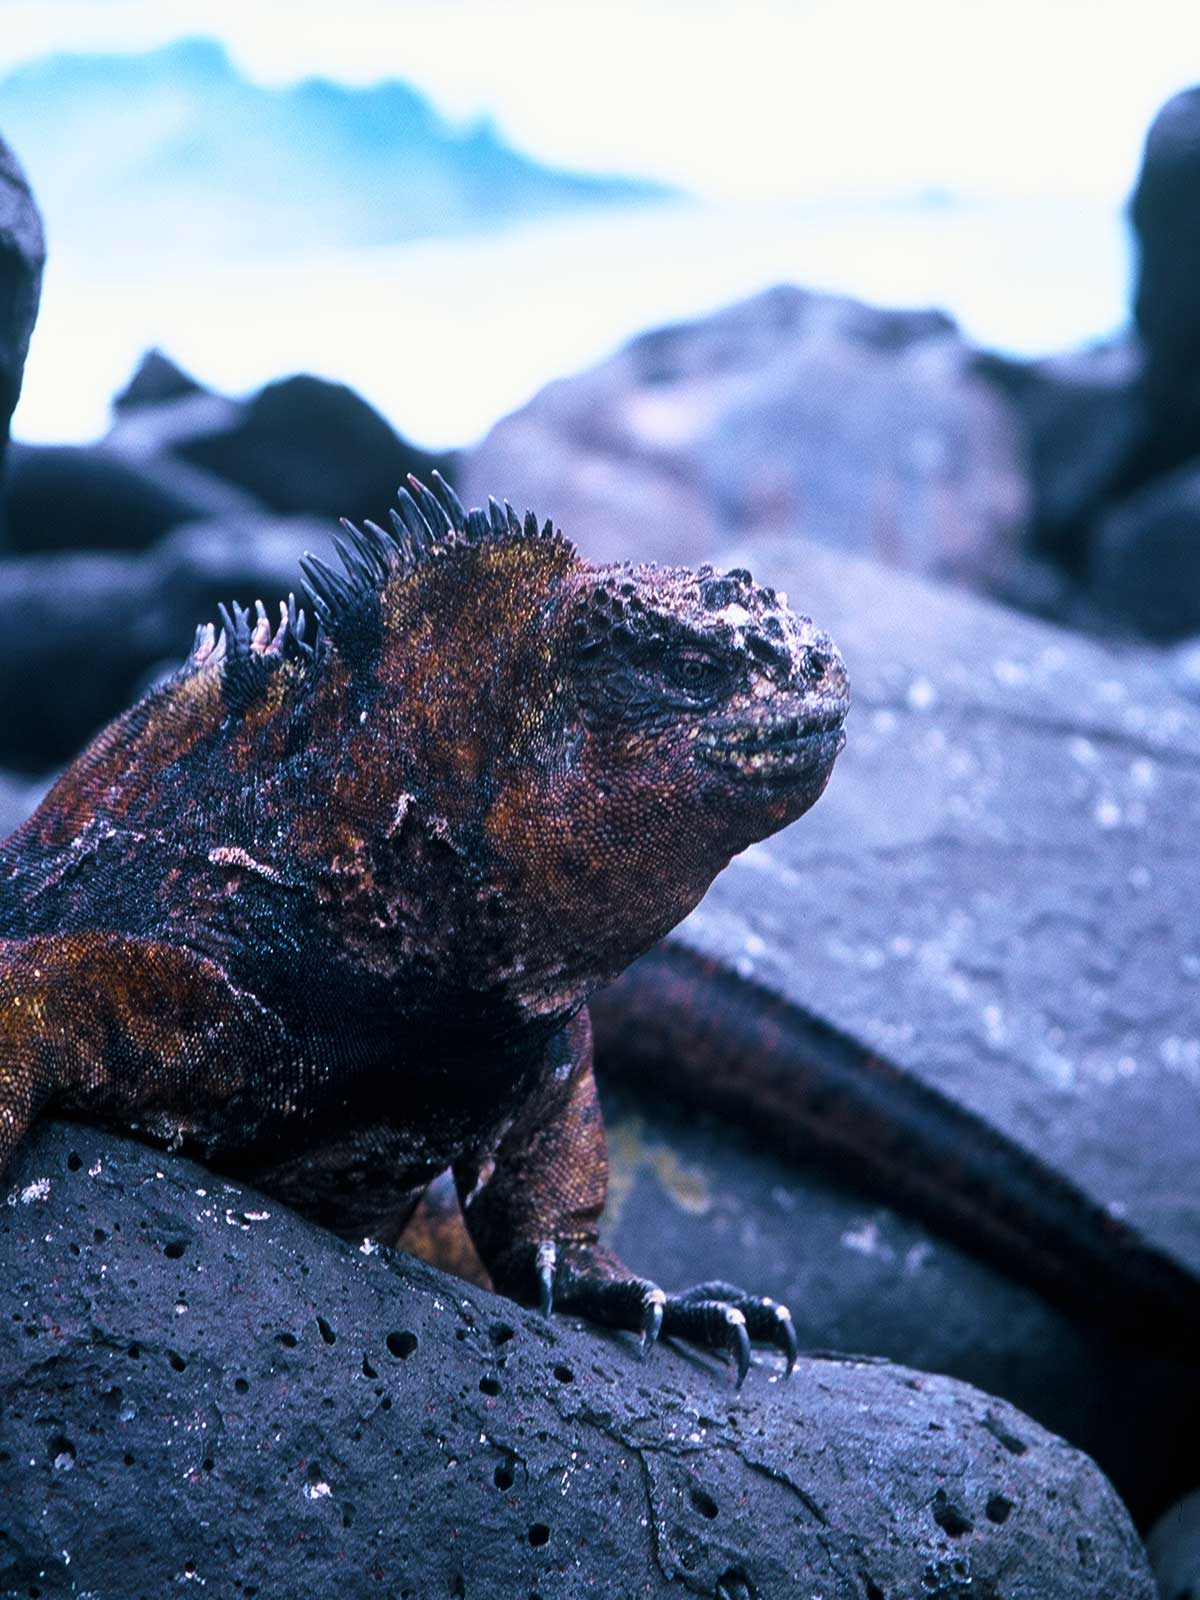 Galapagos Marine Iguana | Surfing Galapagos